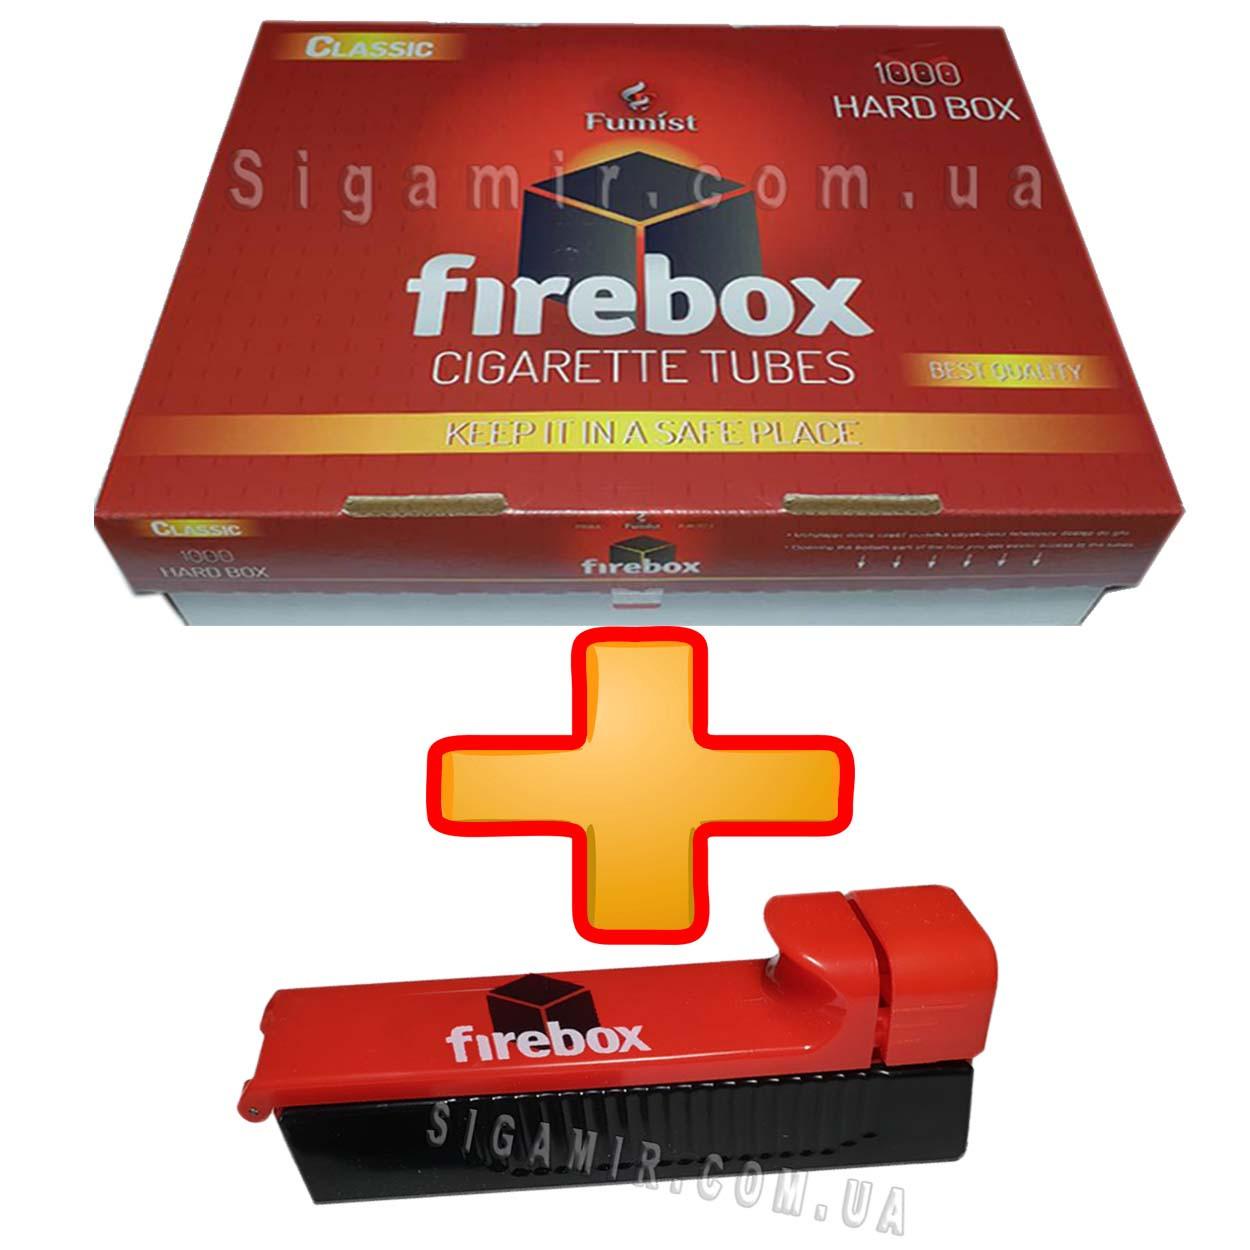 Сигаретные гильзы FireBox 1000 штук + фирменная машинка для набивки гильз, сигарет